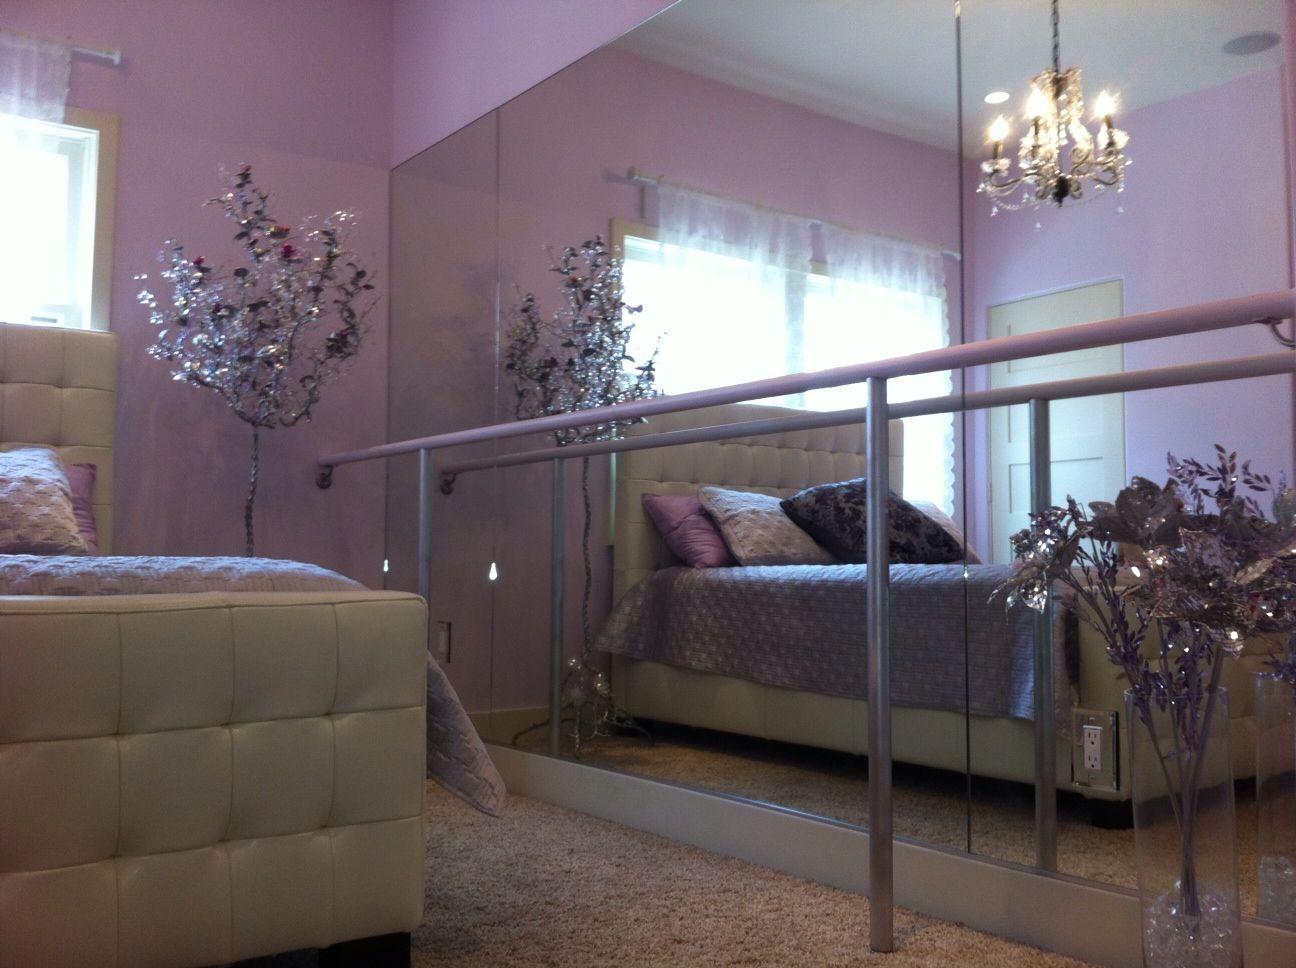 ballet barre   Bedroom themes, Guest bedroom, Ballet room